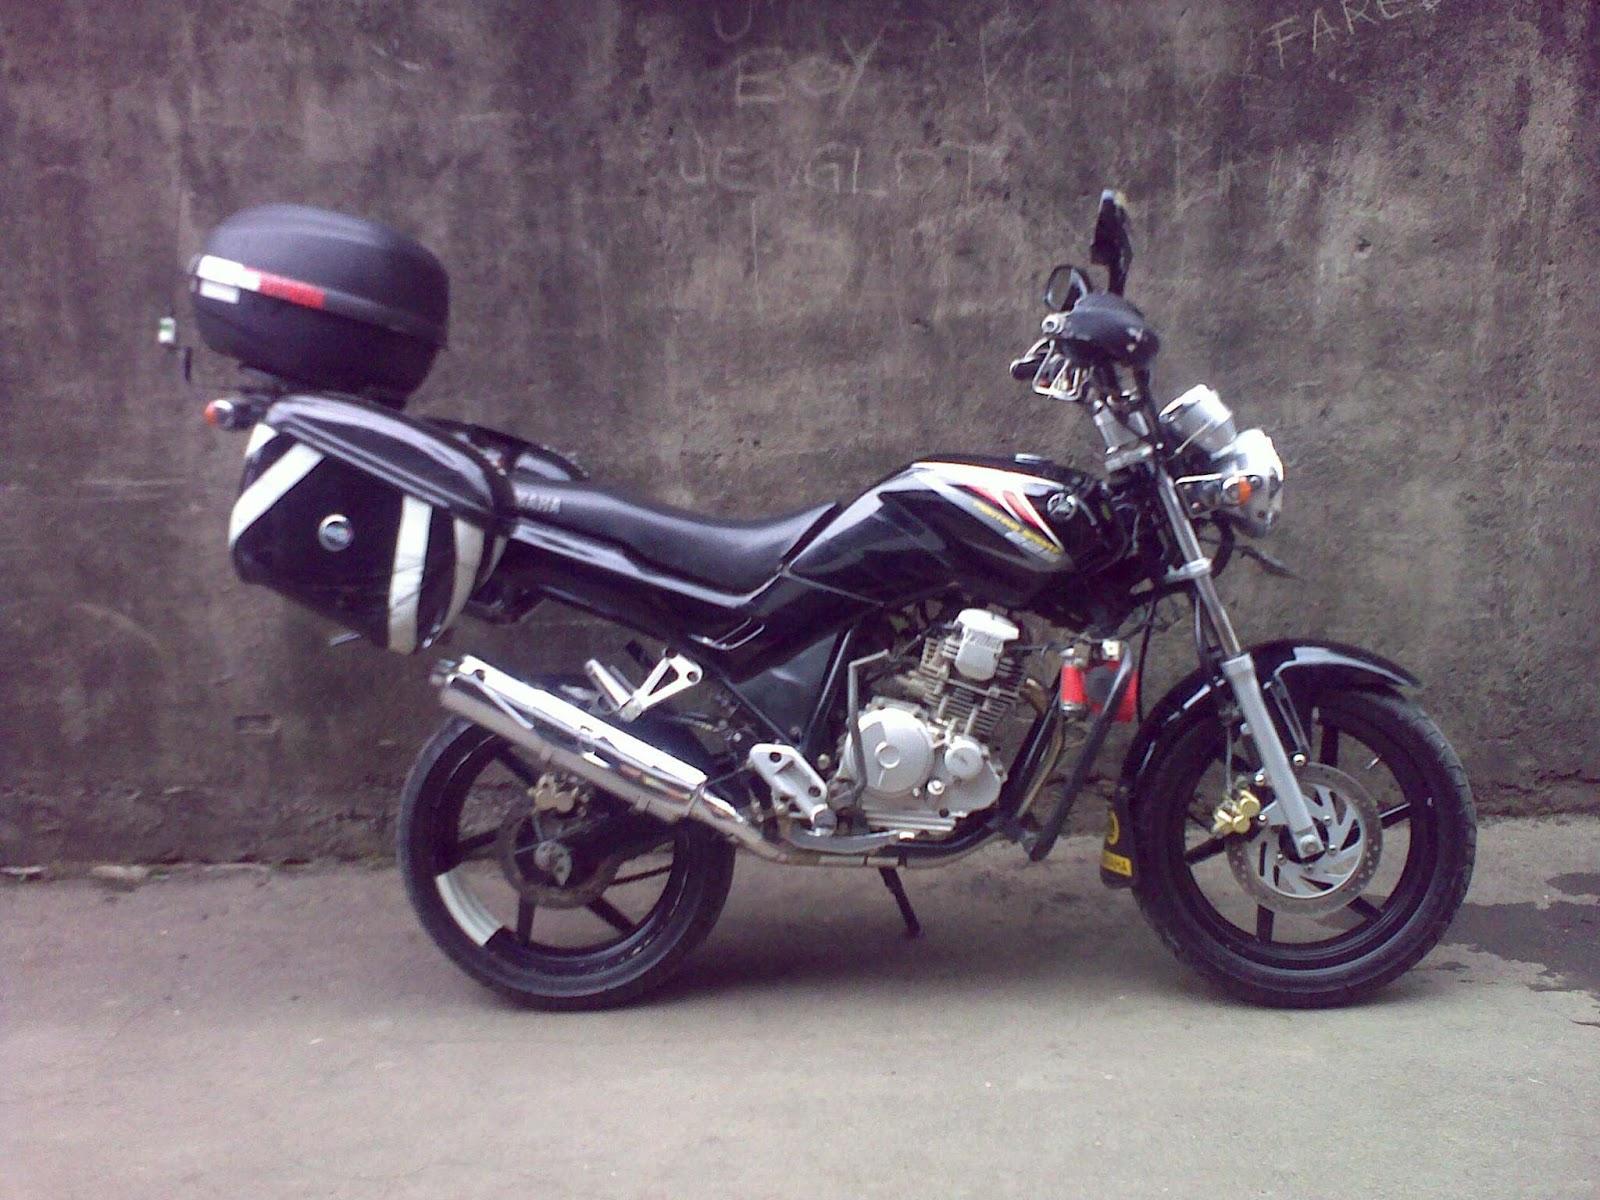 Modif Mesin Yamaha Scorpio | Modifikasi Motor Yamaha 2016